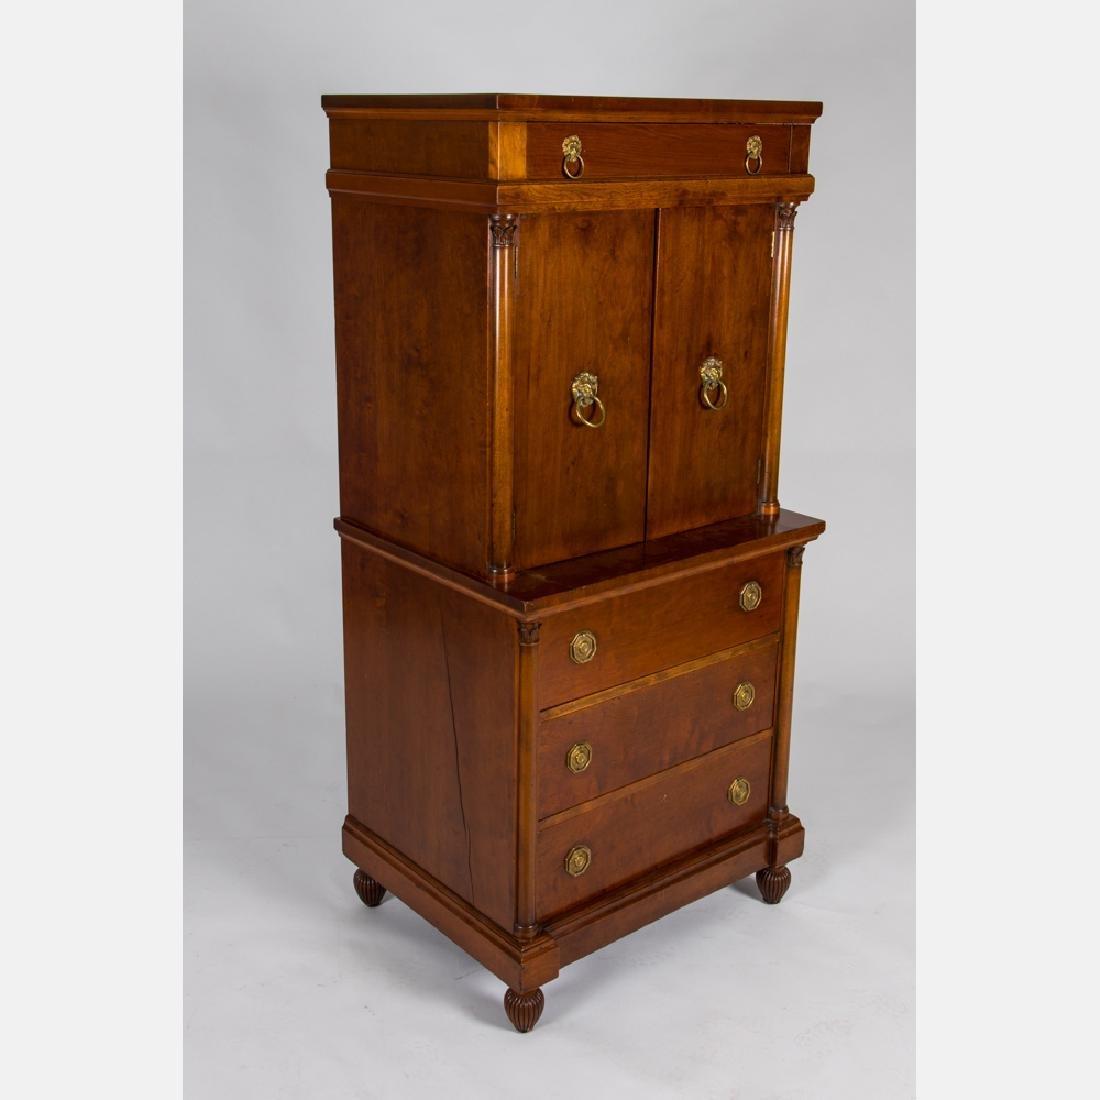 A Regency Style Mahogany Cabinet, 20th Century.